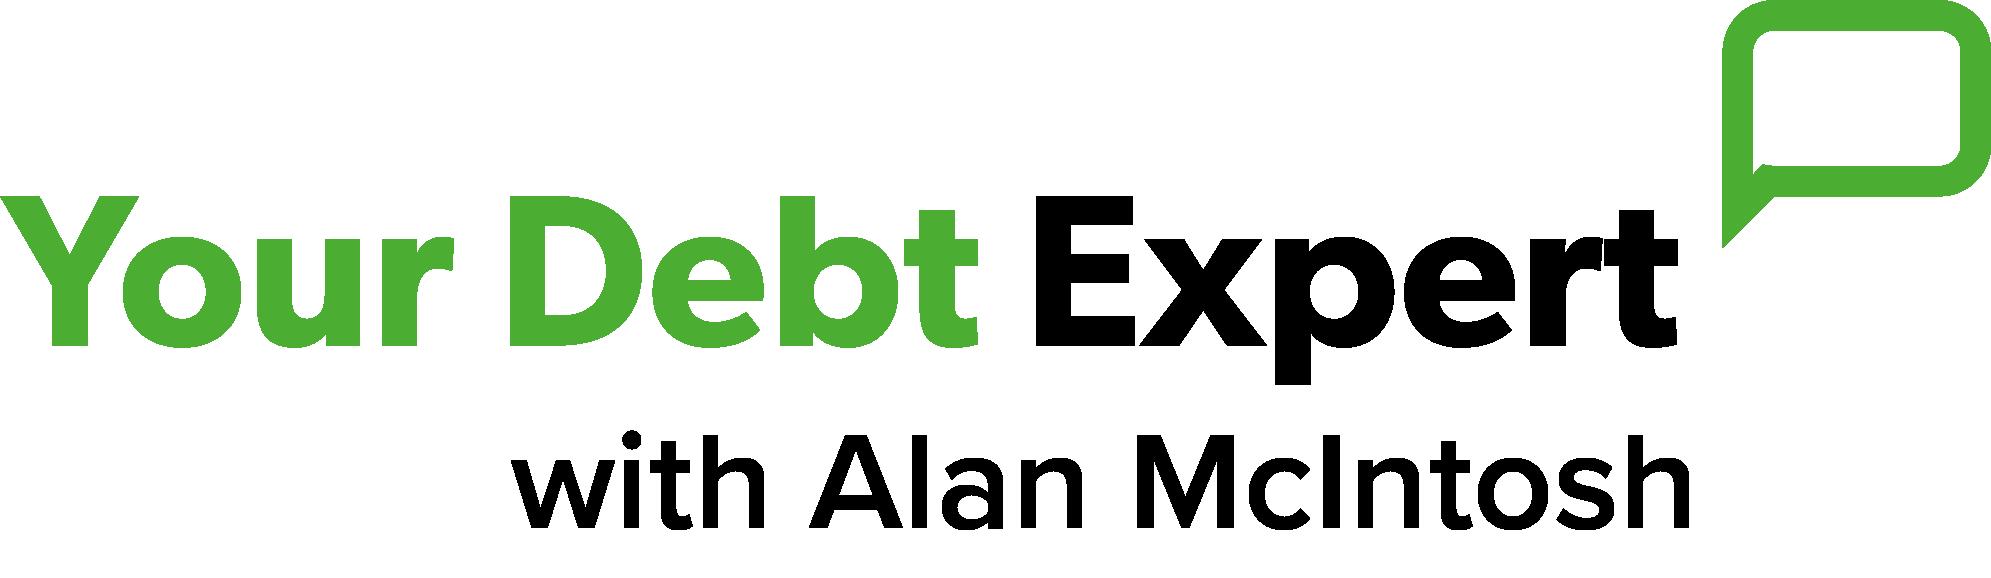 Your Debt Expert